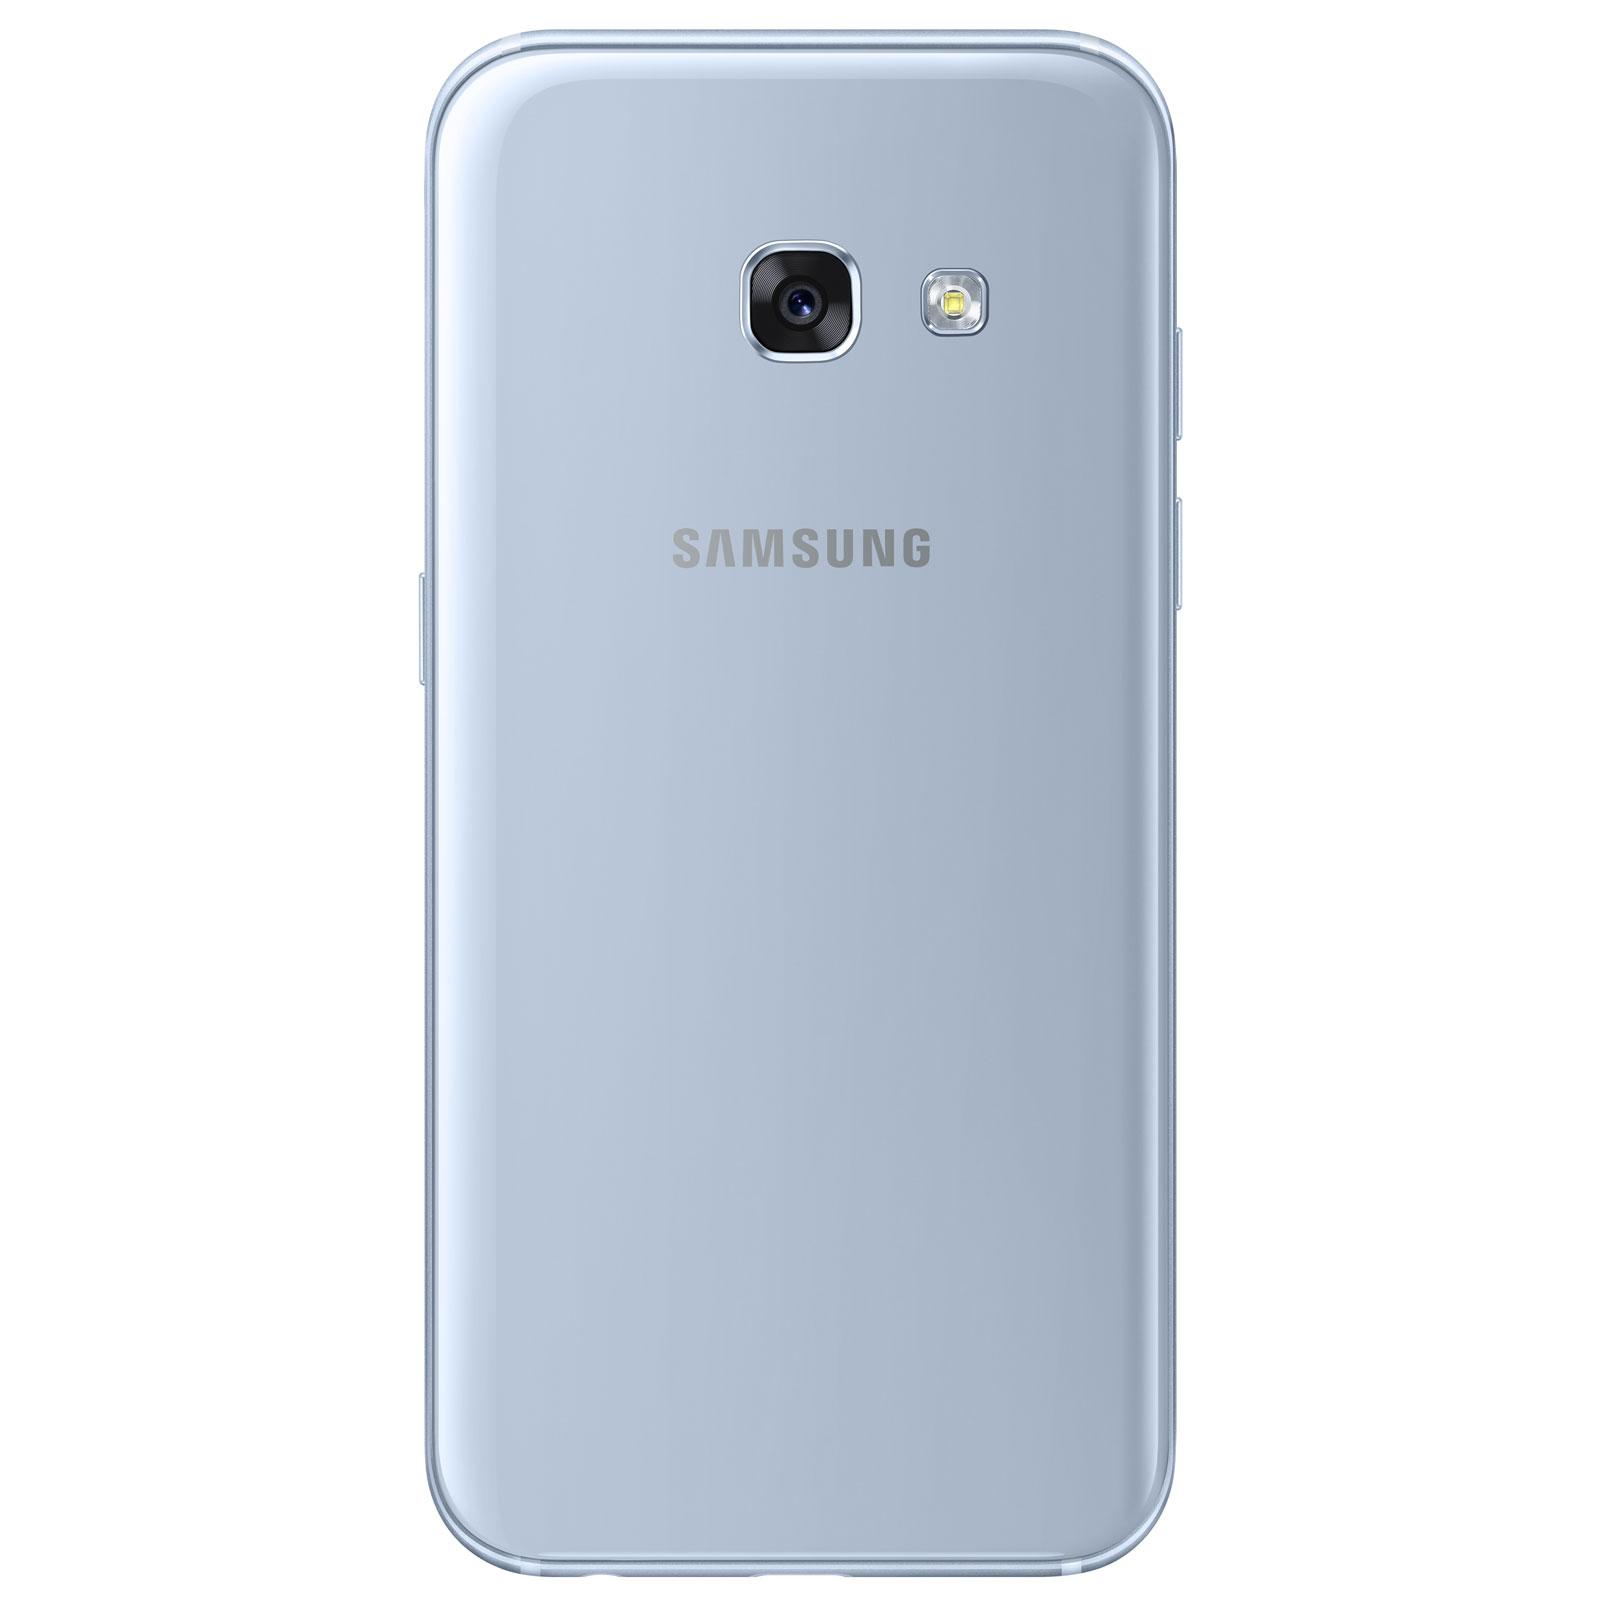 62f6bf8d8b6376 coque samsung galaxie a3 2017 bleu